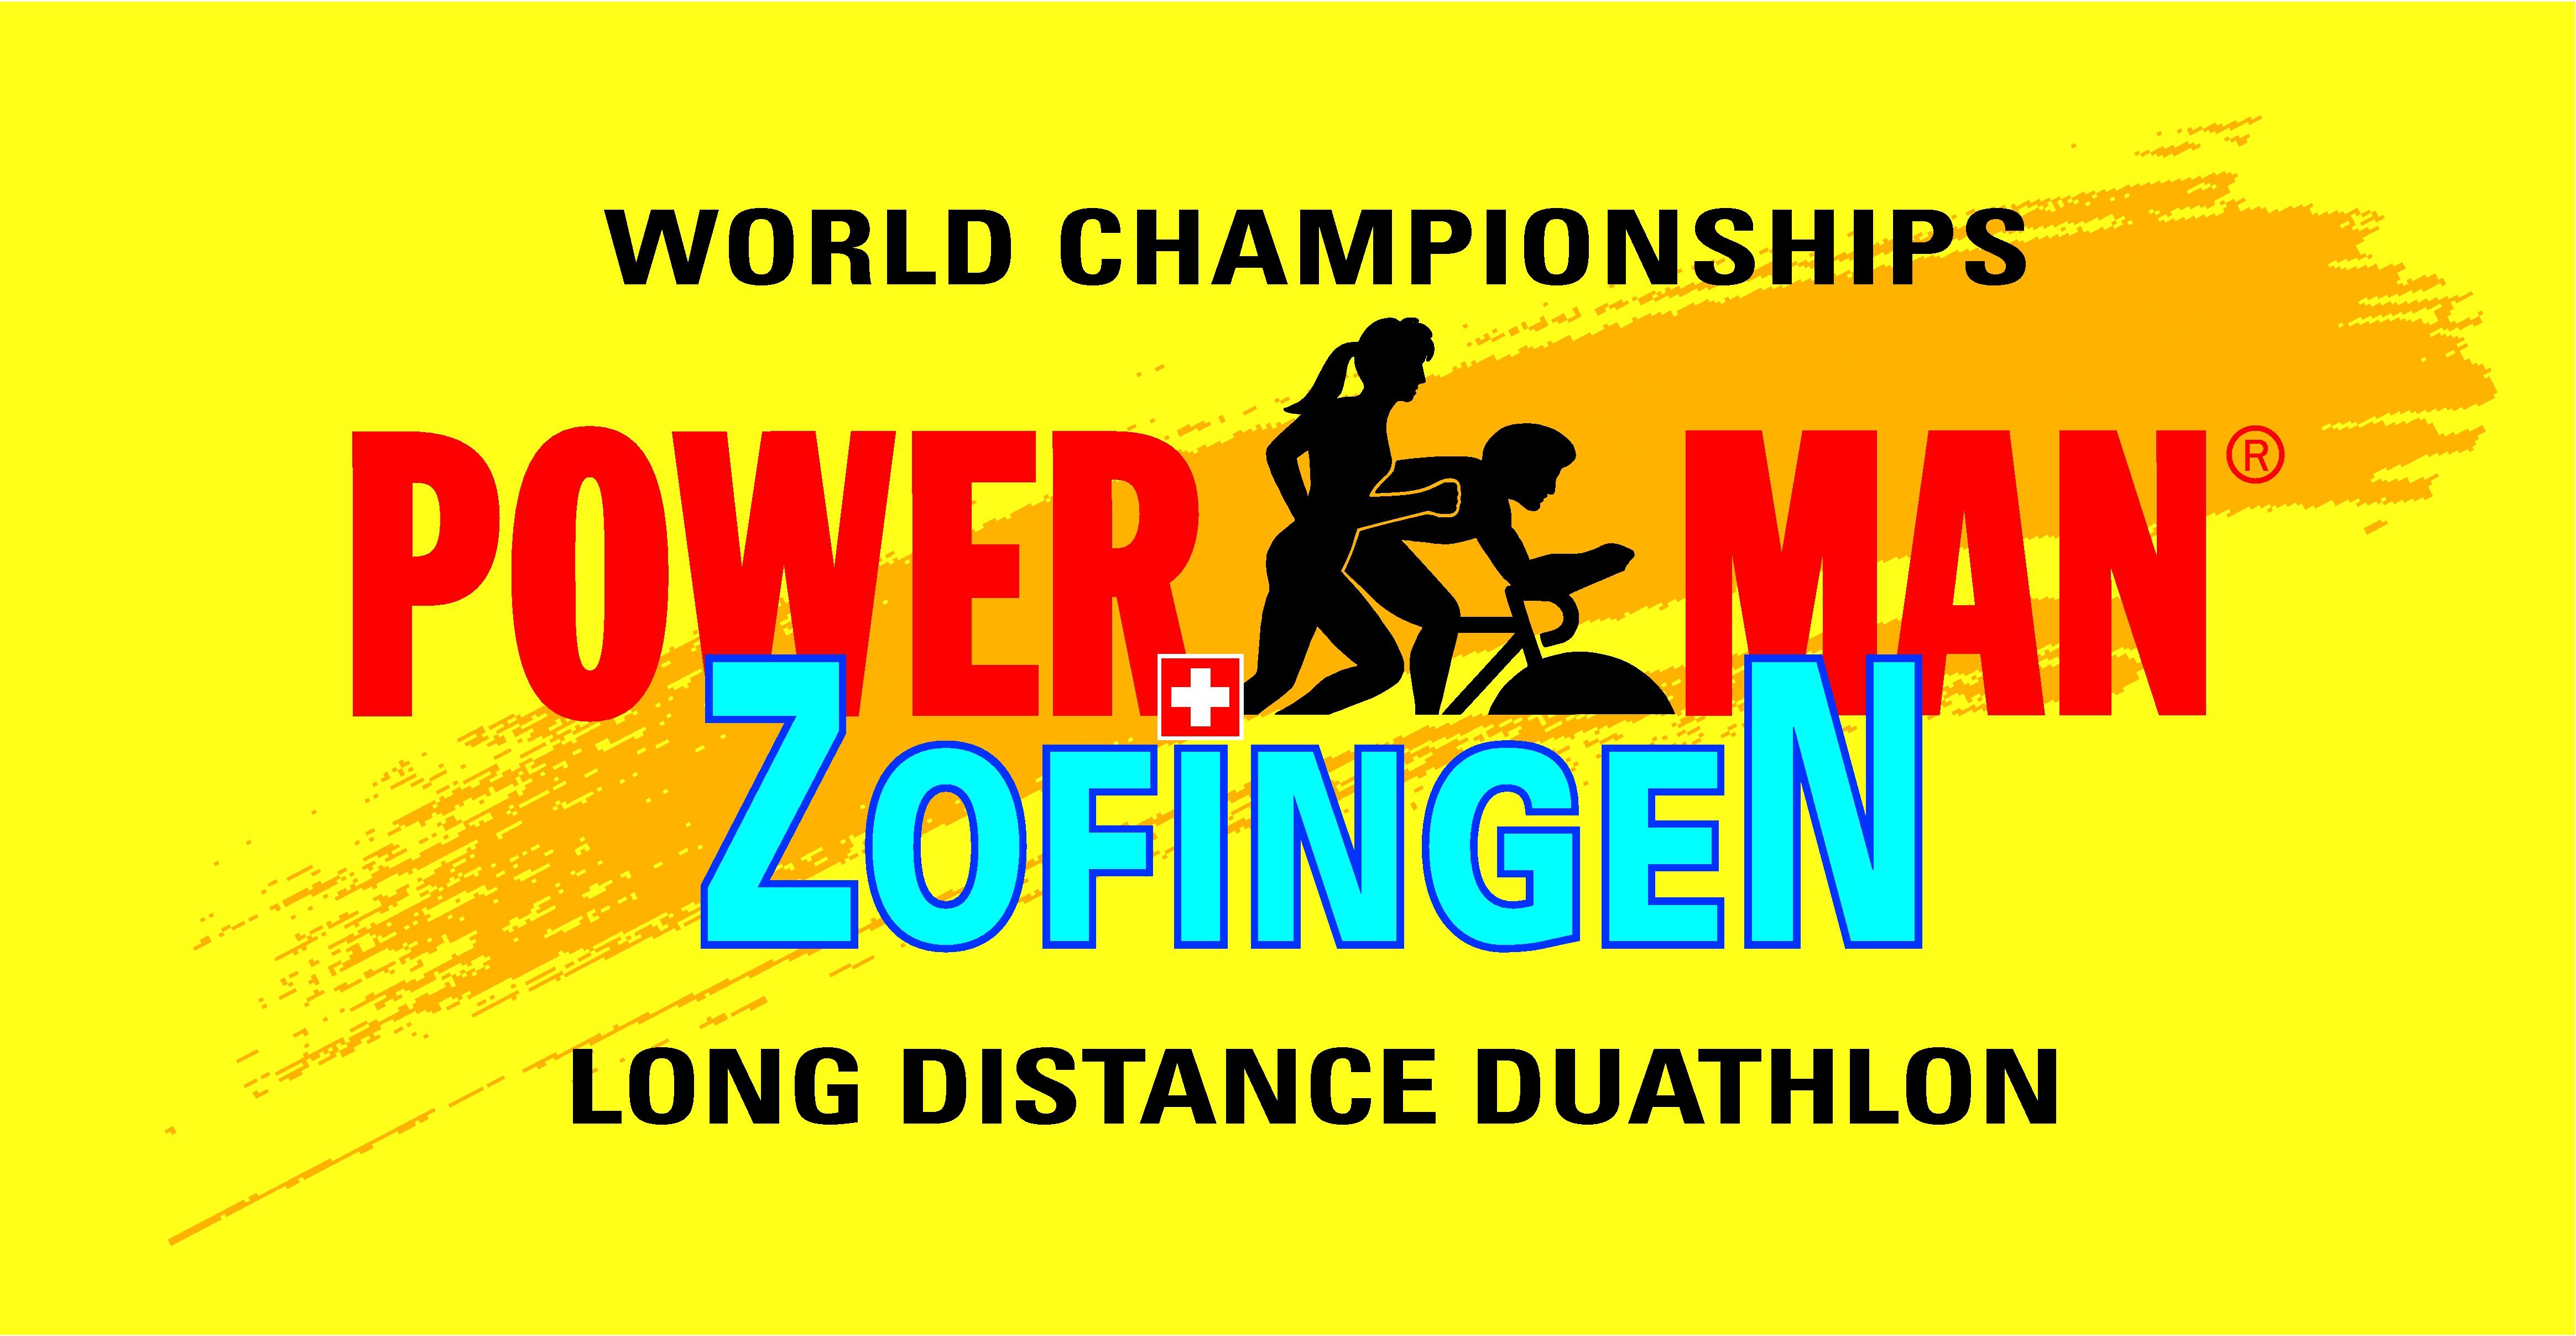 Zofingen sera une fois de plus le Championnat du Monde Longue Distance de Duathlon ITU